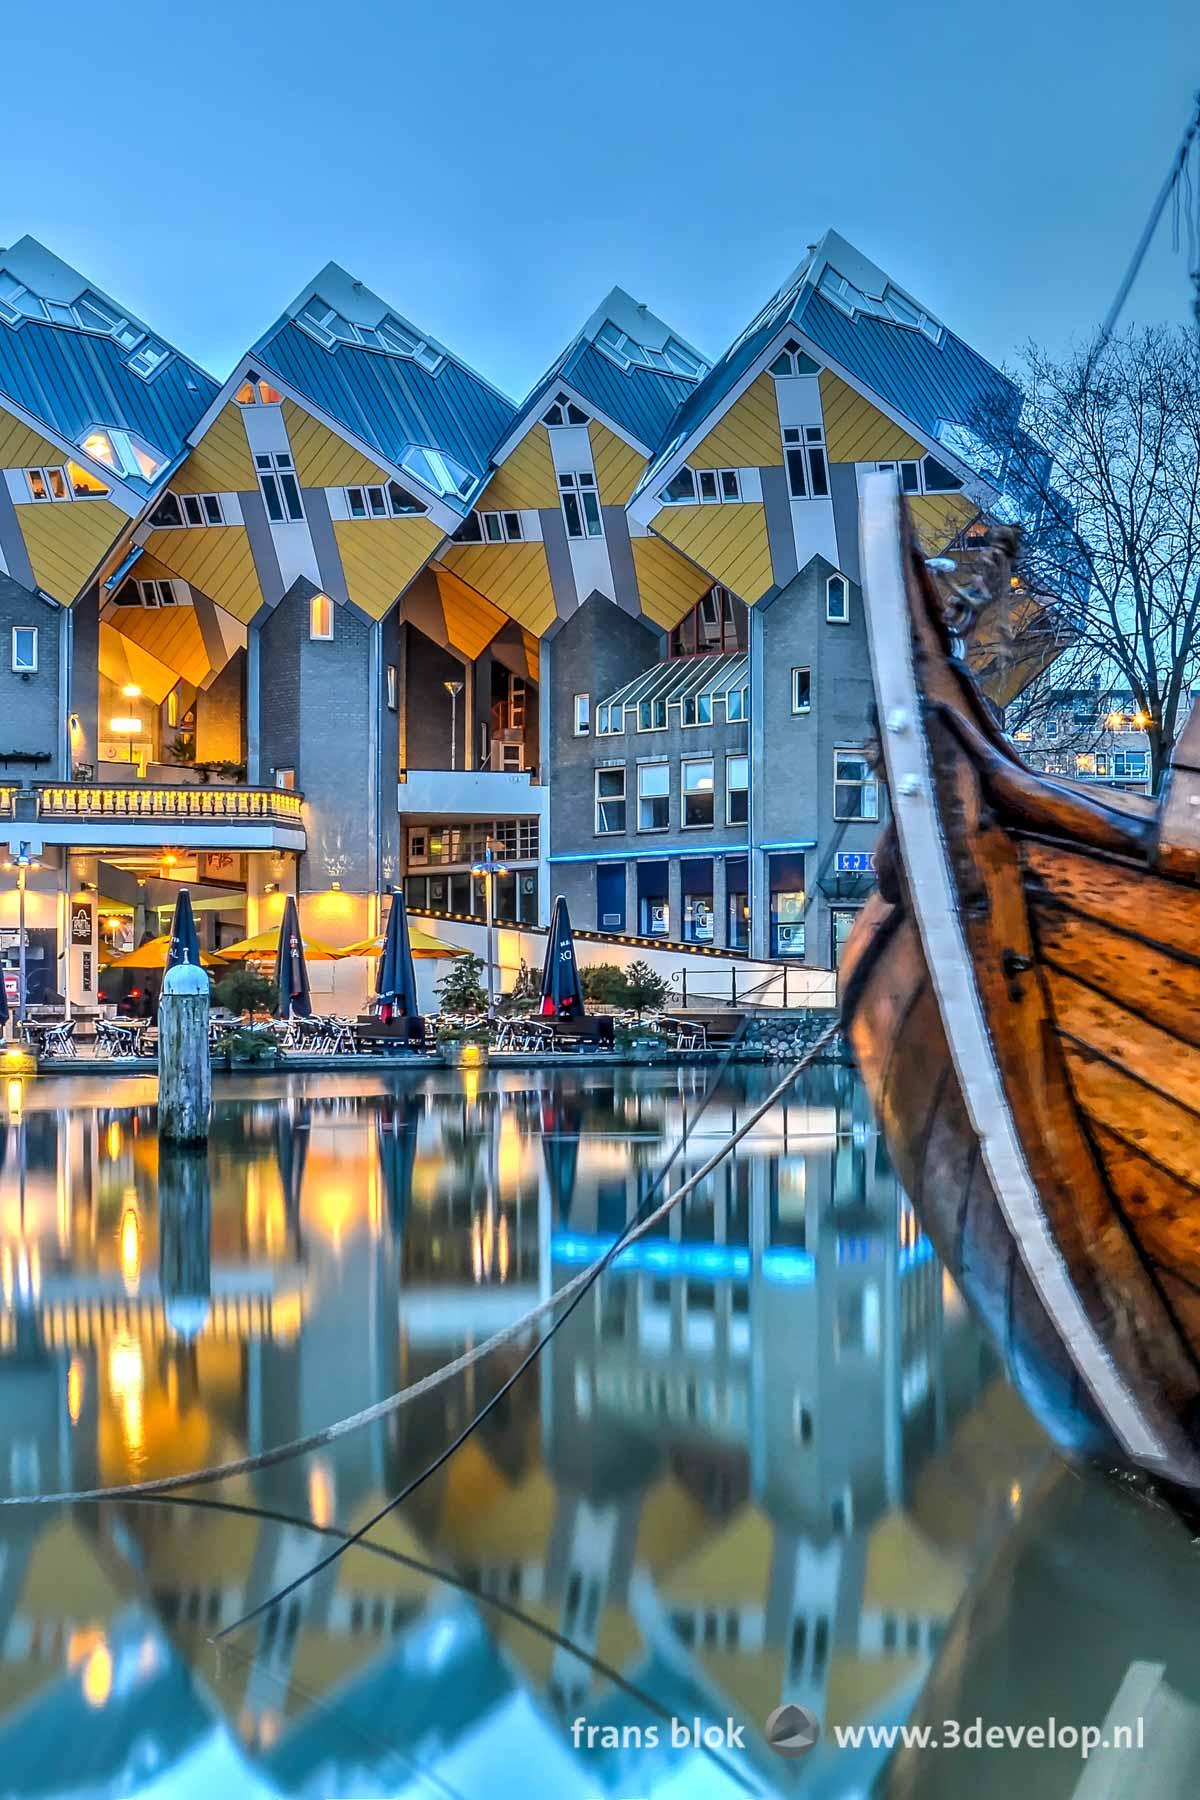 Populair op Pinterest: foto gemaakt tijdens de avondschemering van de Kubuswoningen spiegelend in de Oude Haven in Rotterdam